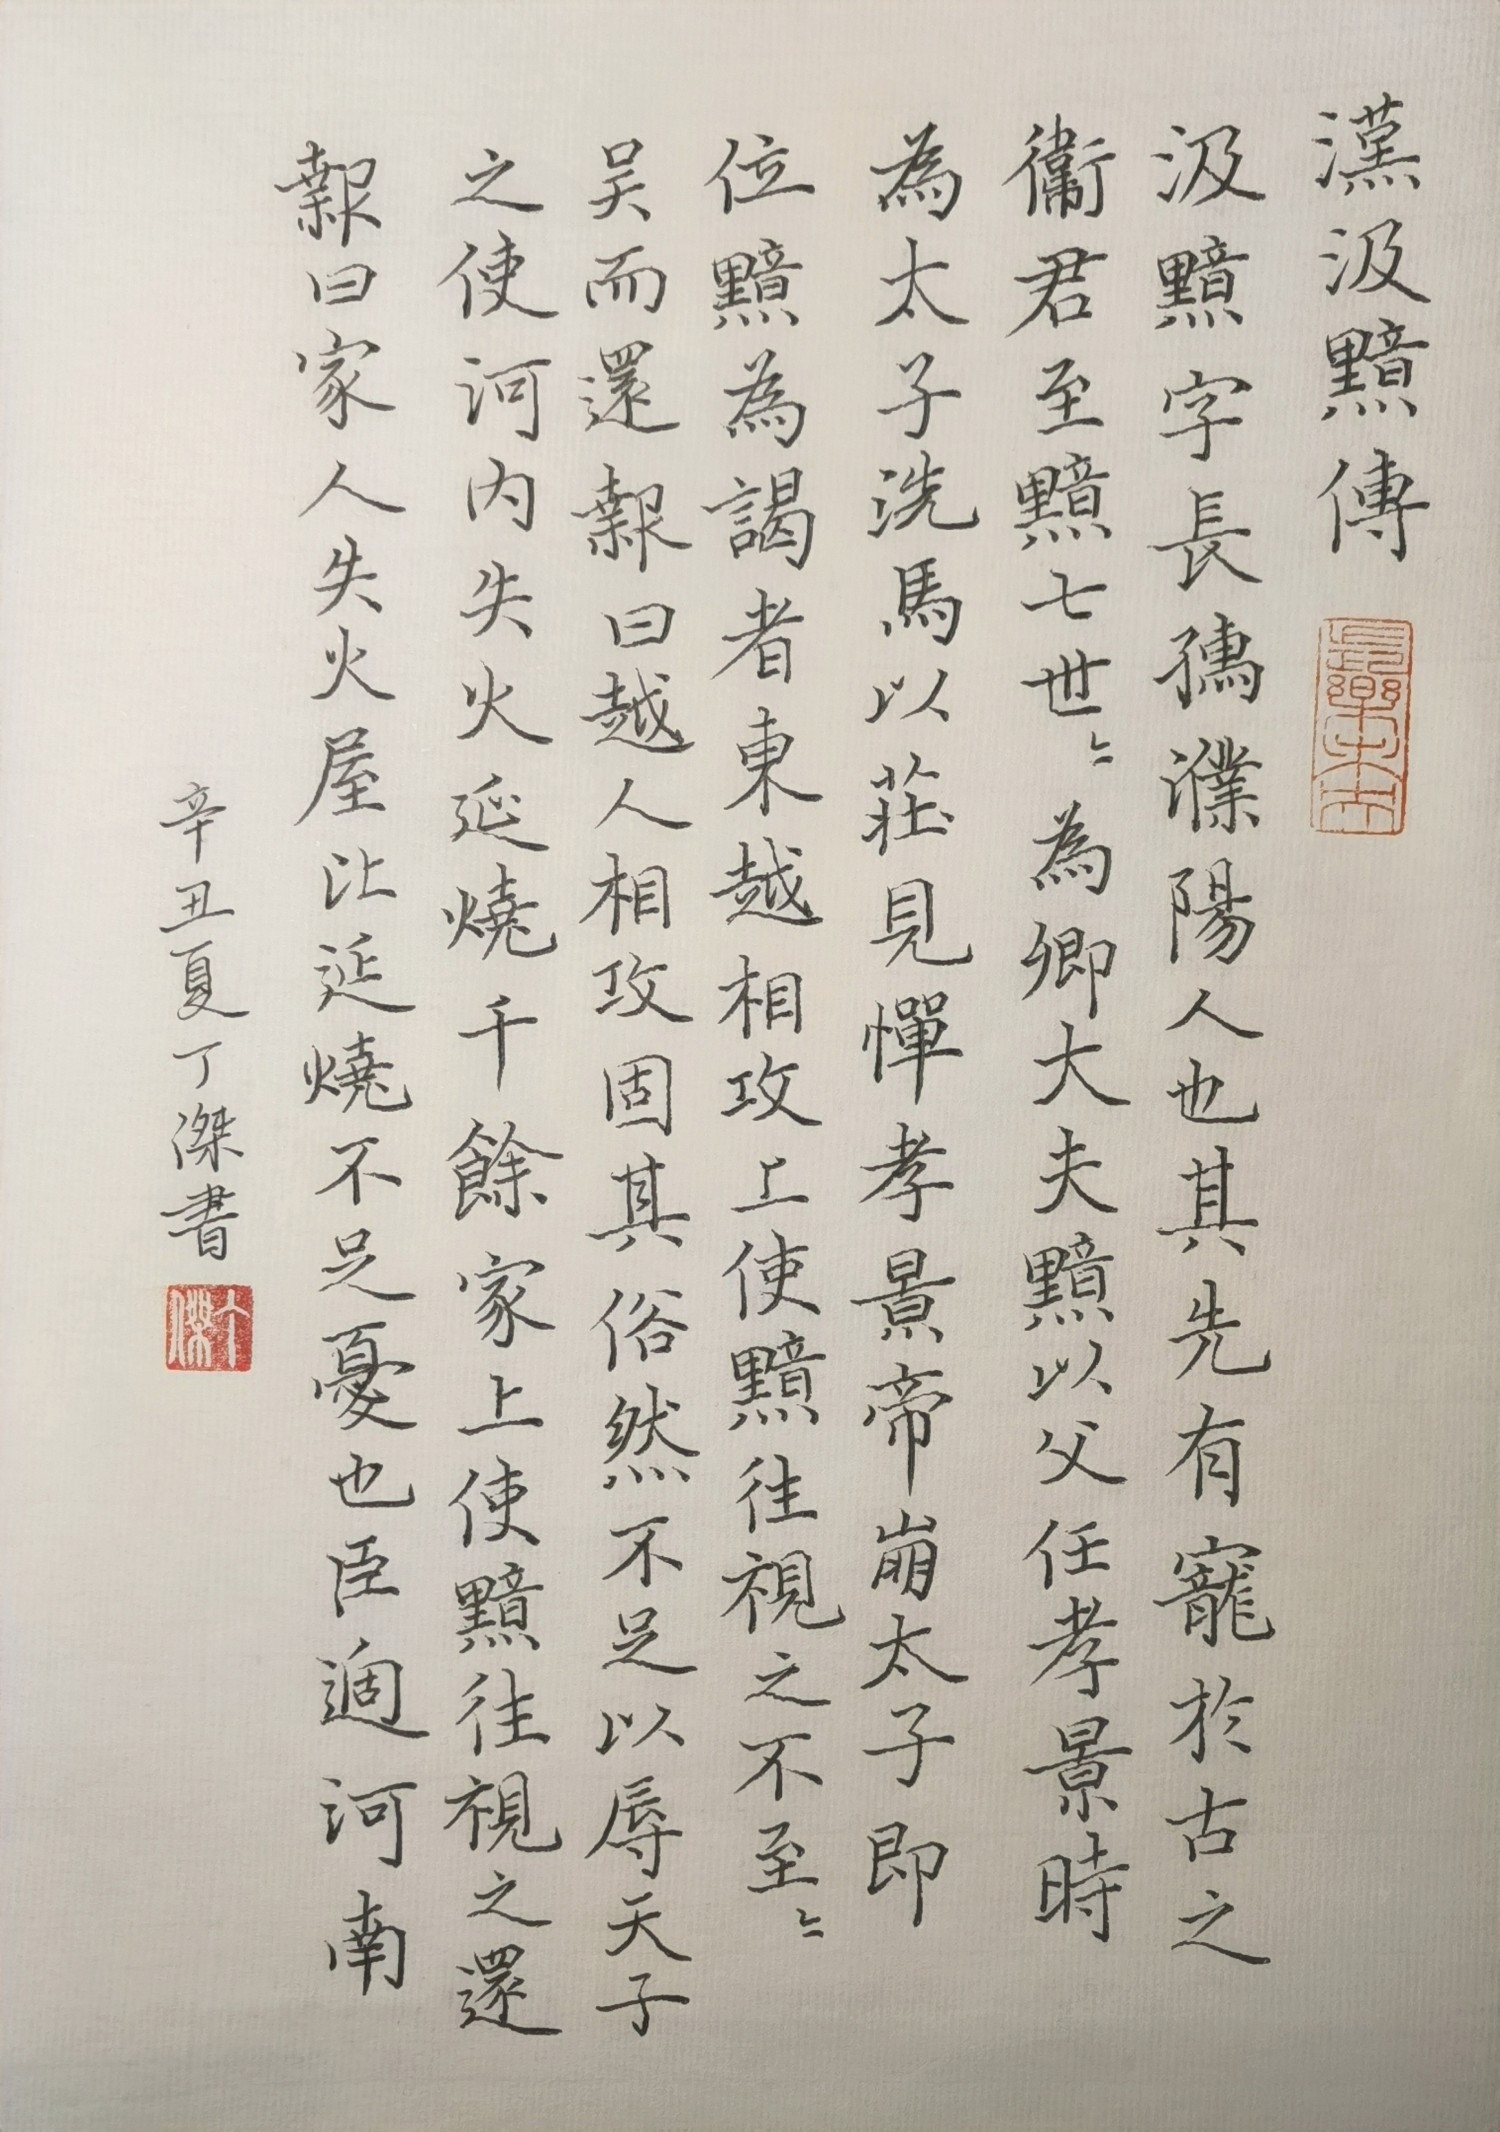 钢笔书法练字打卡20210615-11